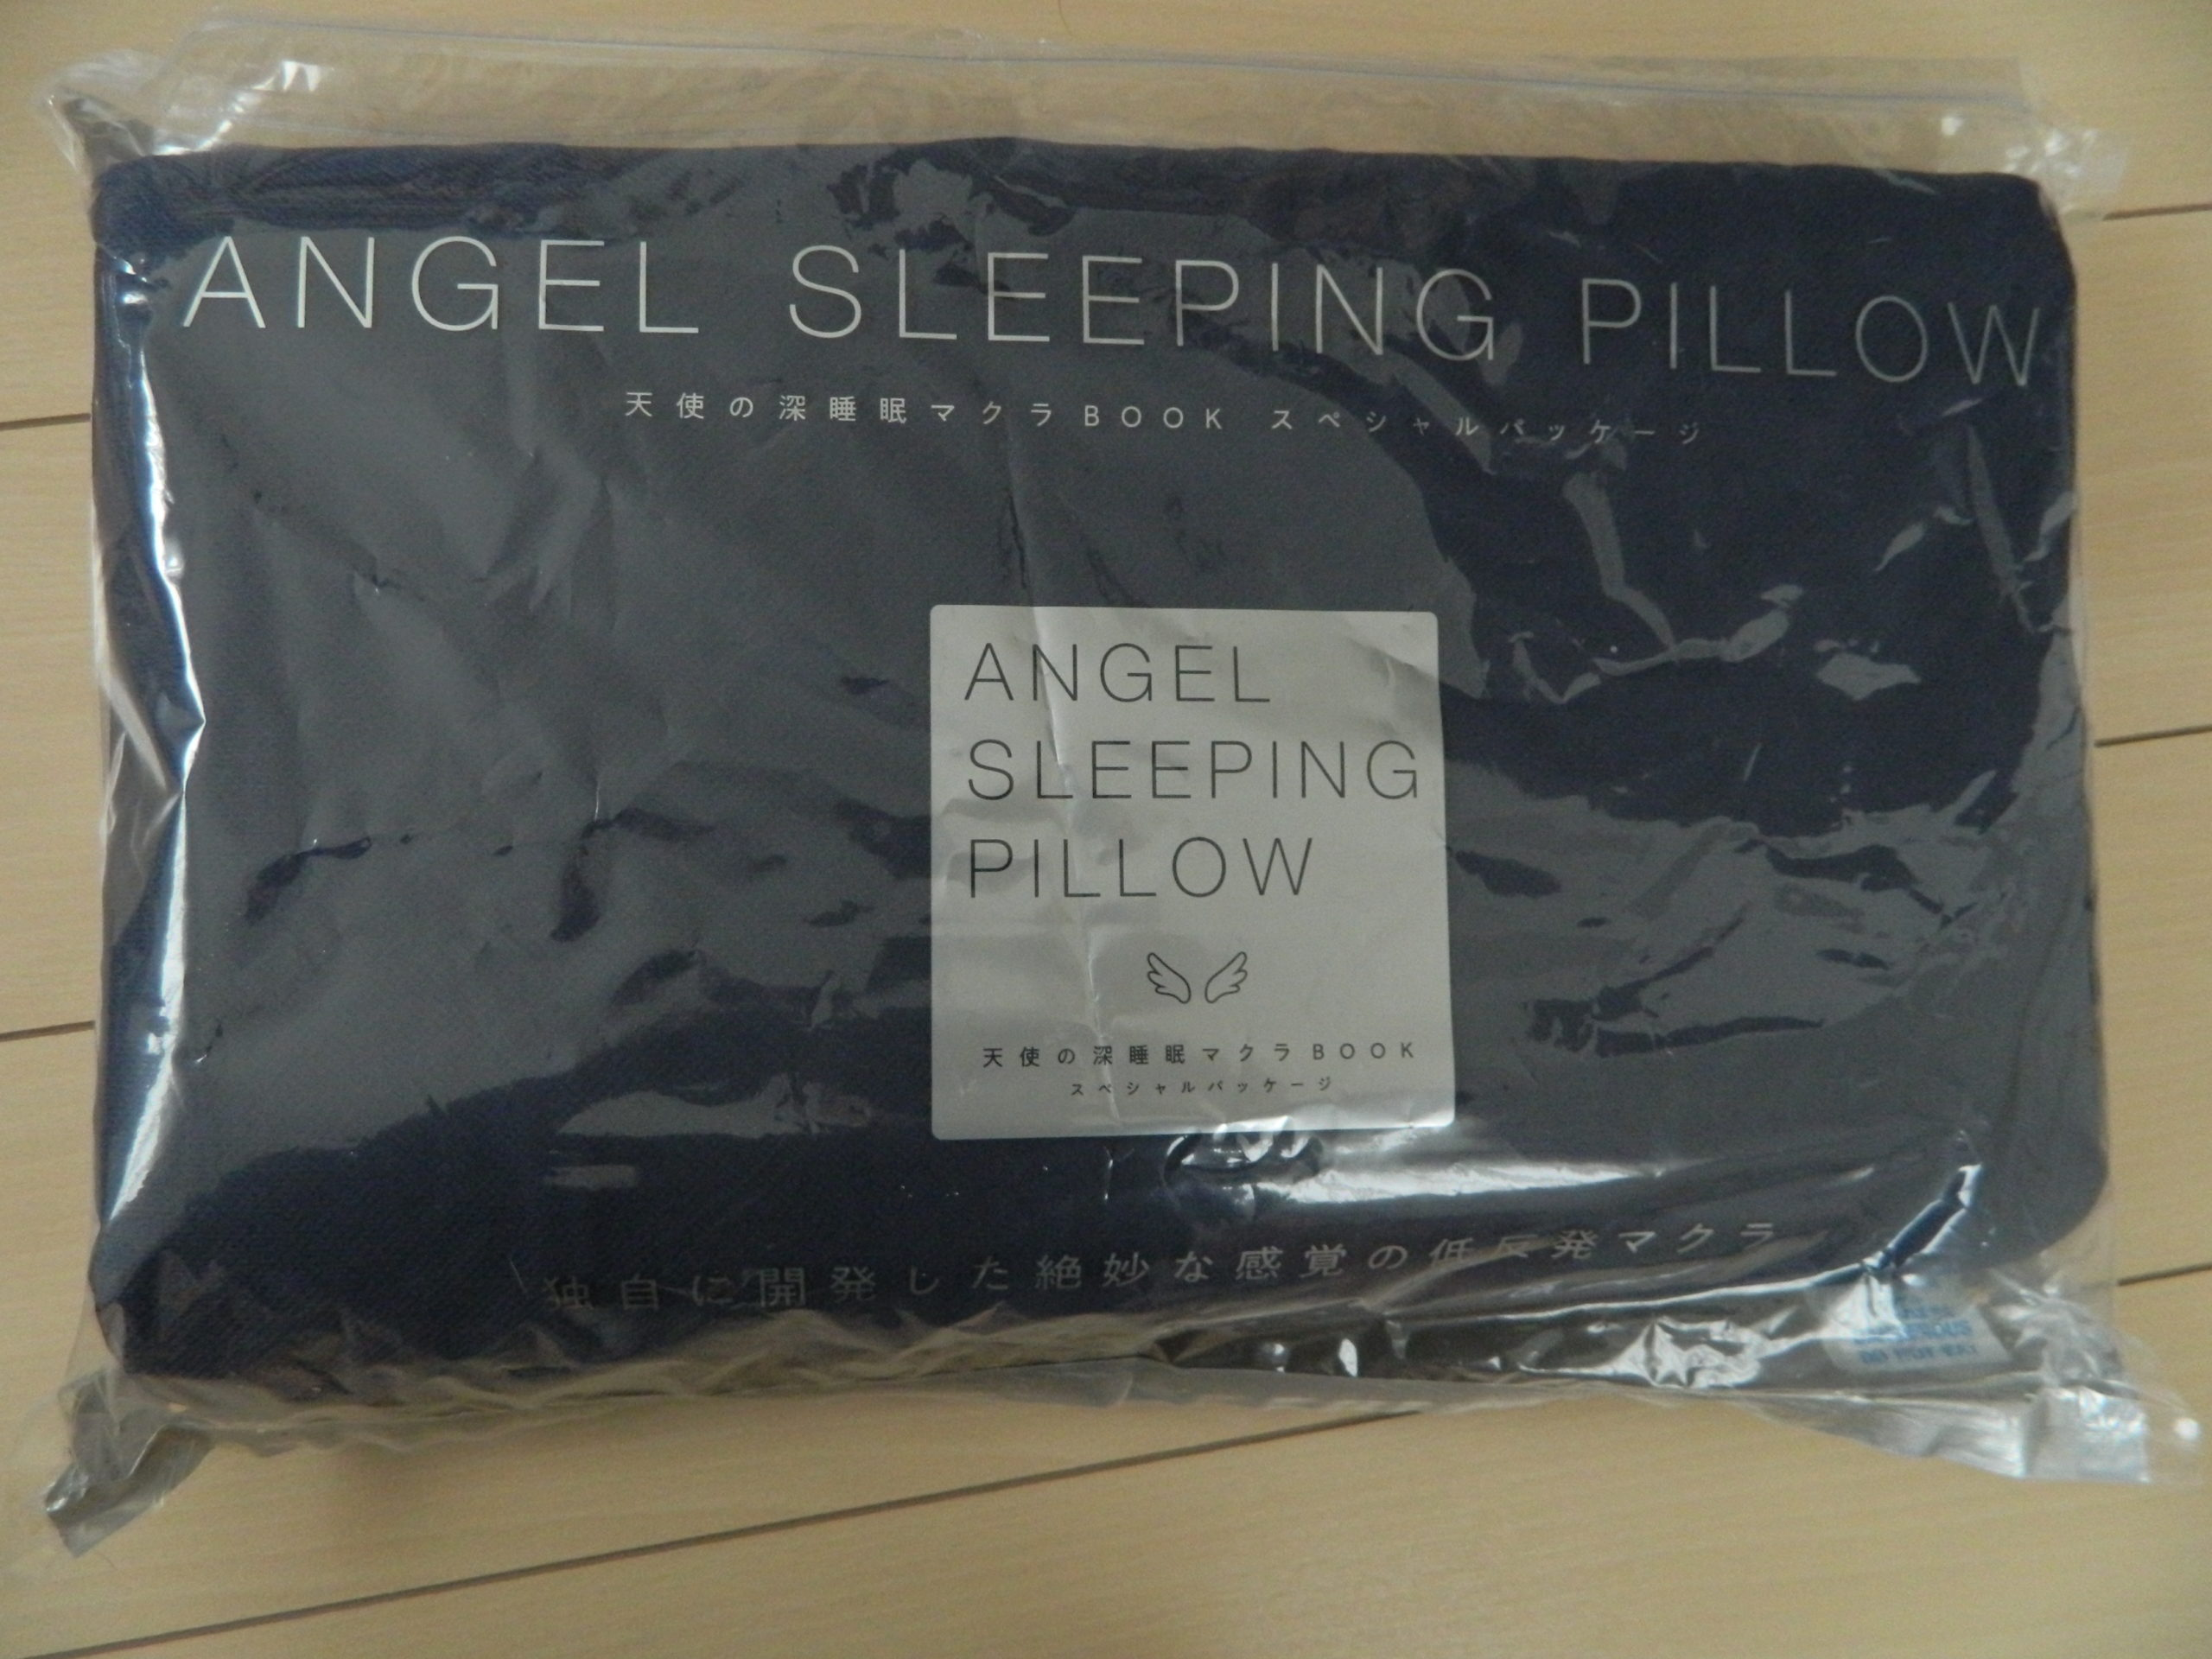 セブンイレブンの「天使の深睡眠マクラ」